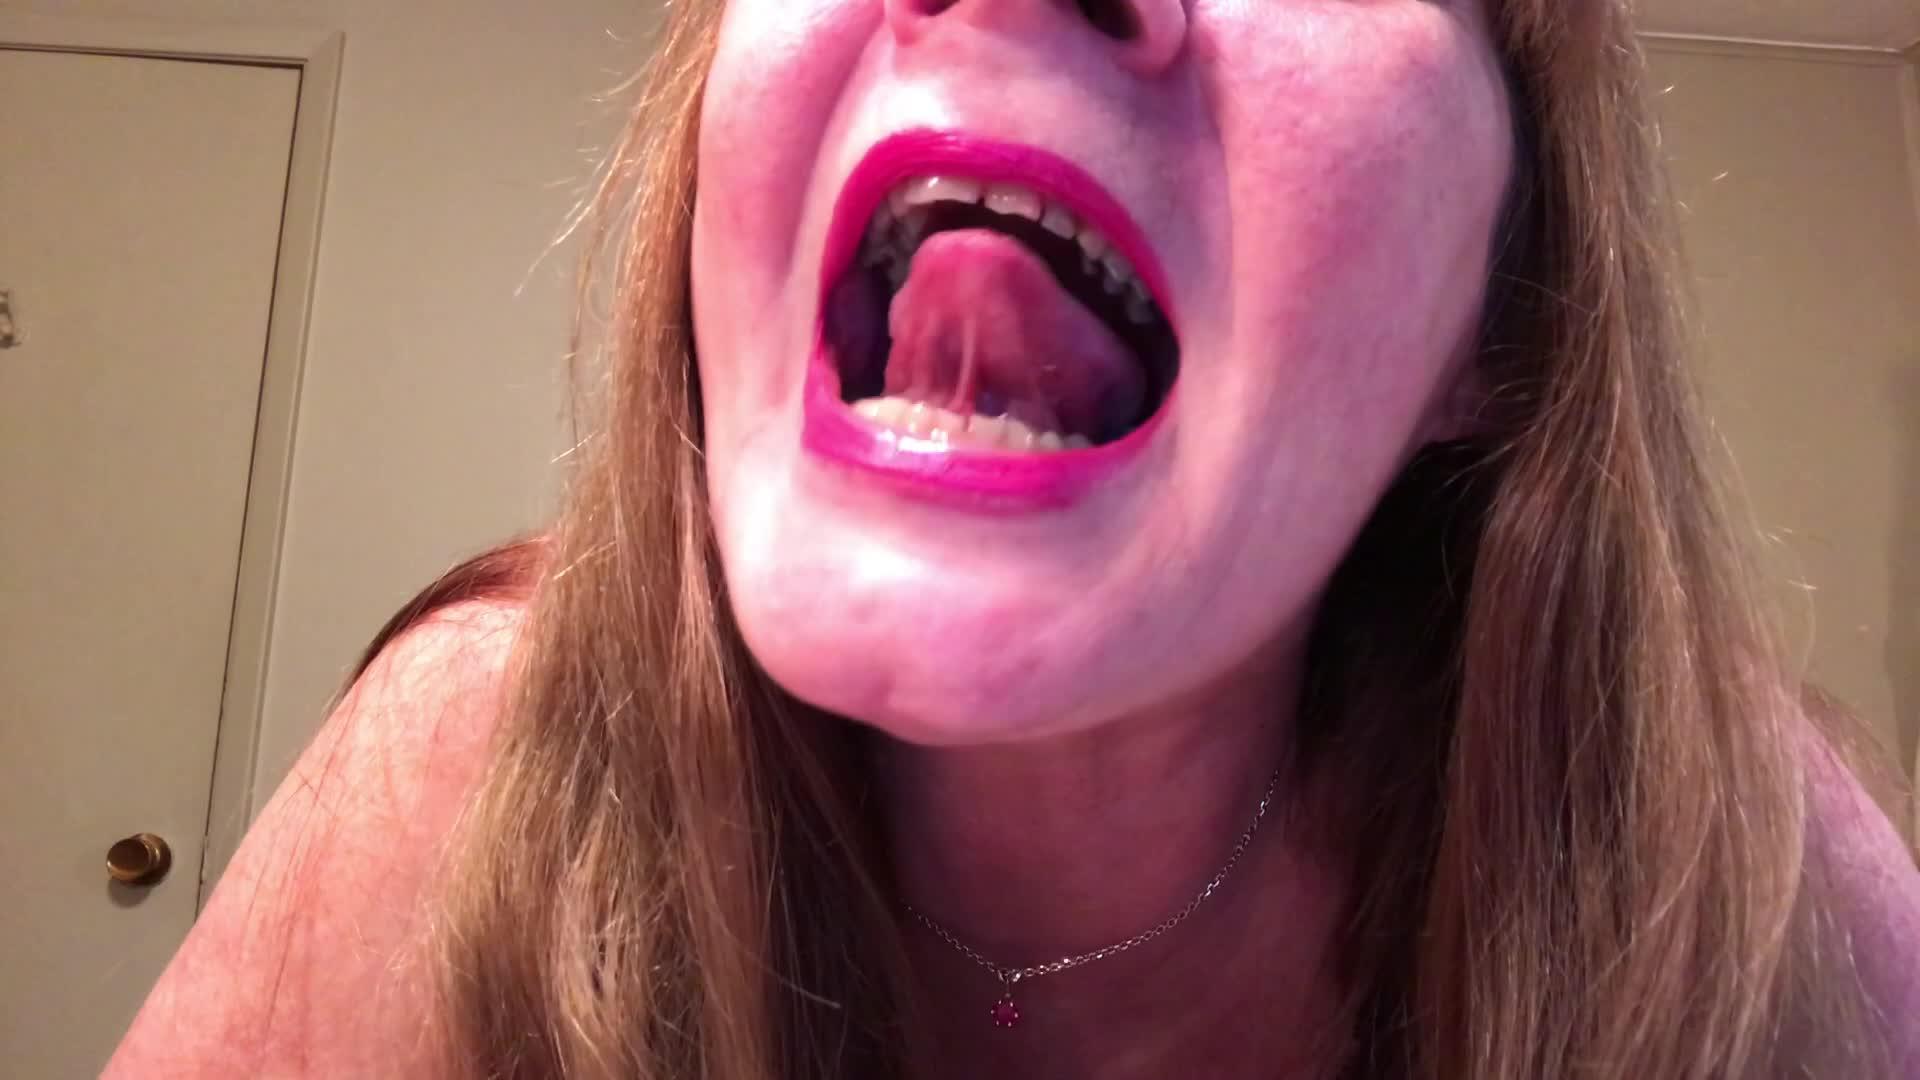 полный рот спермы фото картинки - 7